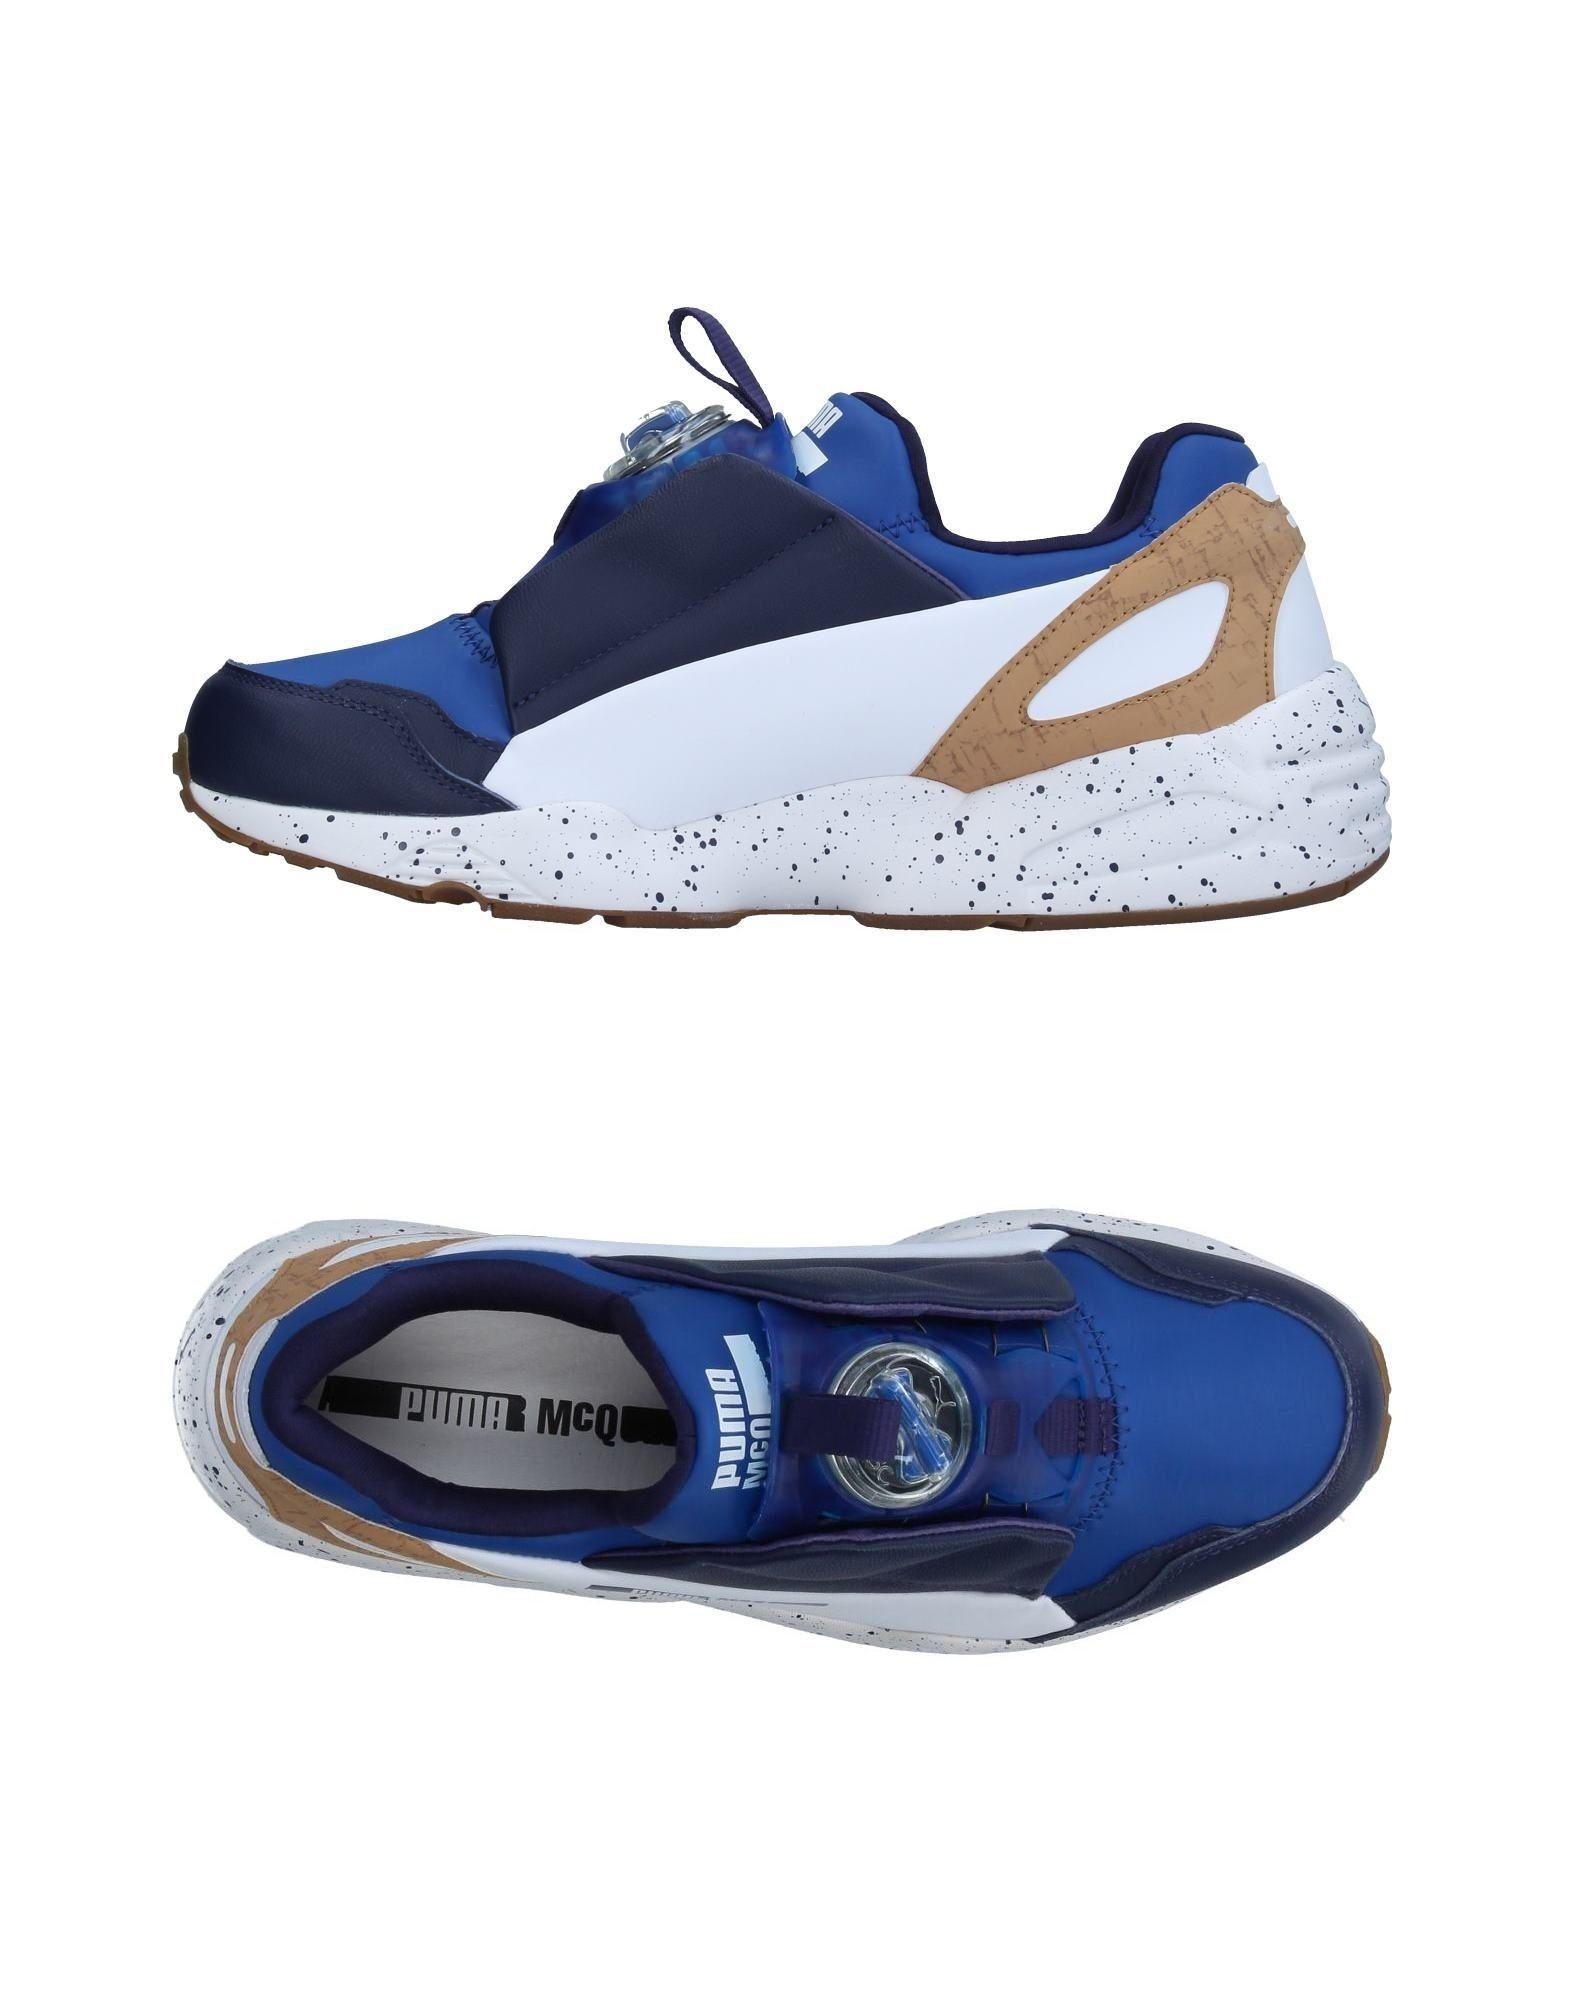 Rabatt echte Schuhe Mcq Puma Sneakers Herren  11336677RB